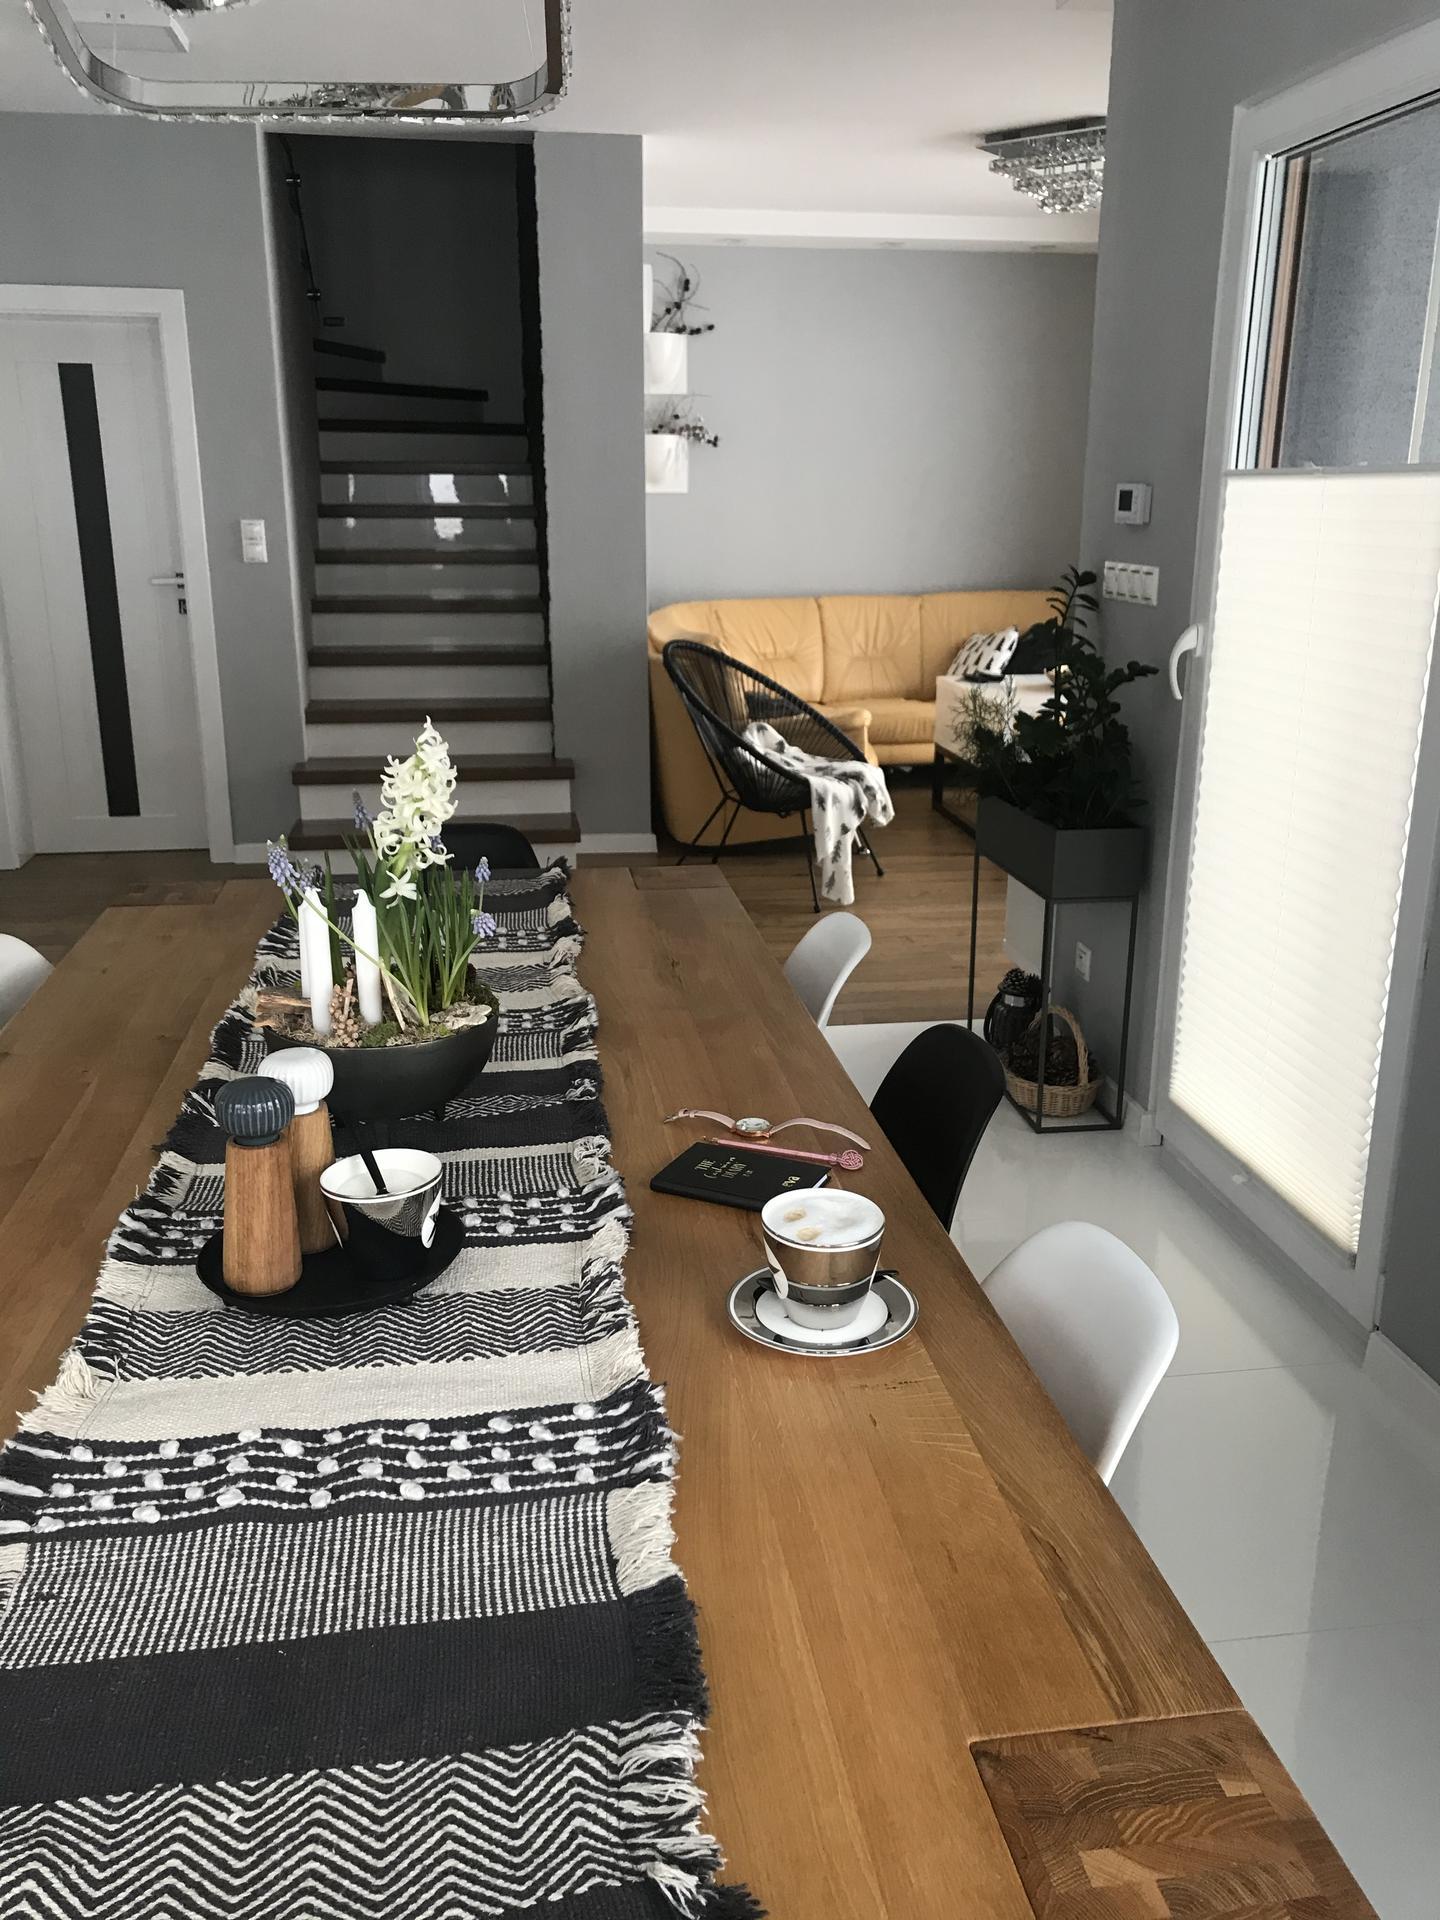 Začiatok 3. roku bývania vo vytúženom domčeku - Poobedná kávička ☕️😉